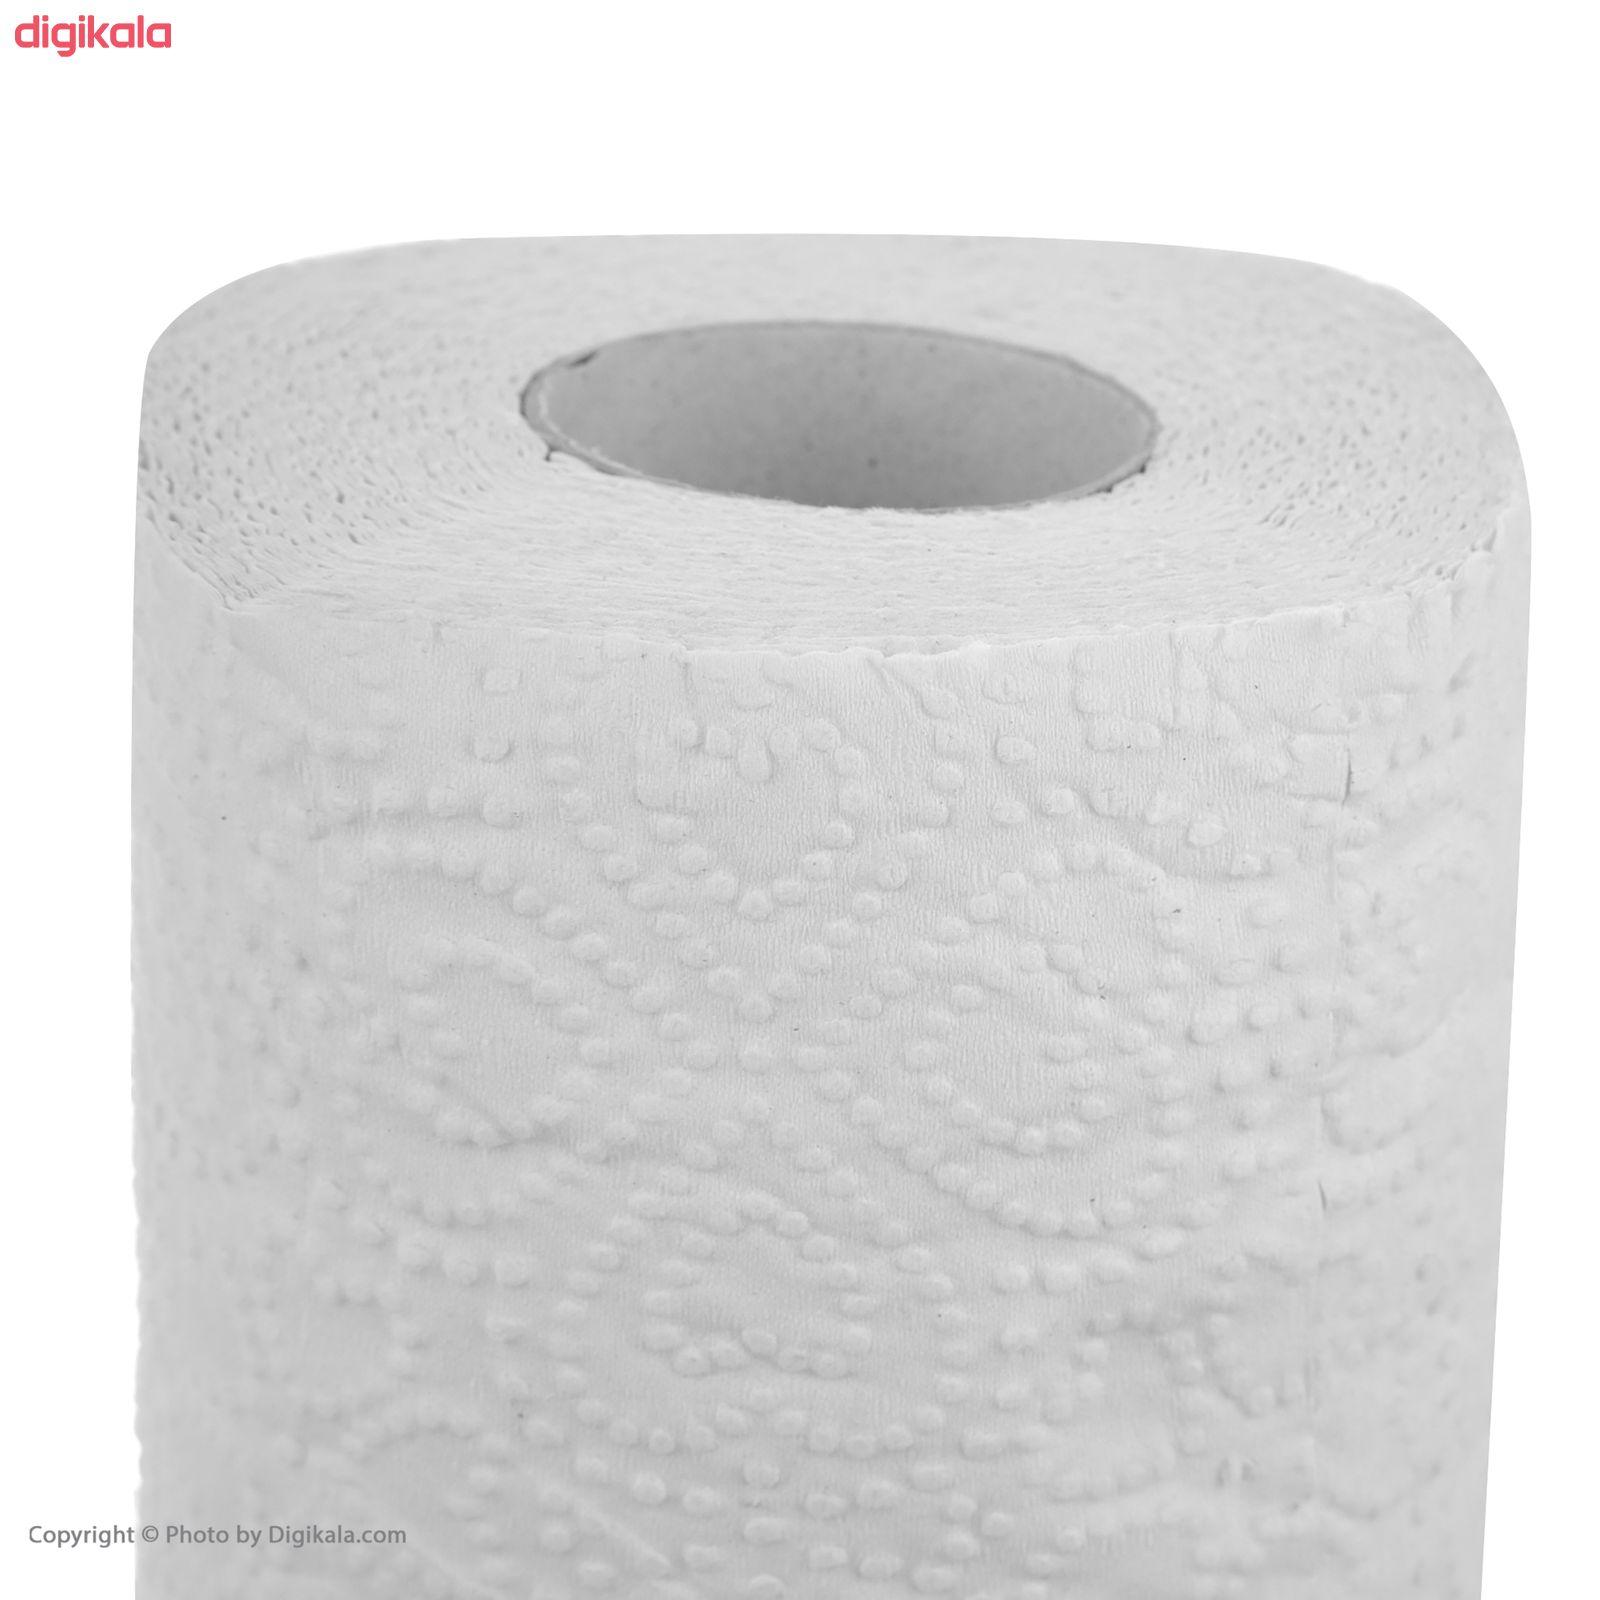 دستمال توالت پاکلند مدل Heart بسته 12 عددی main 1 2